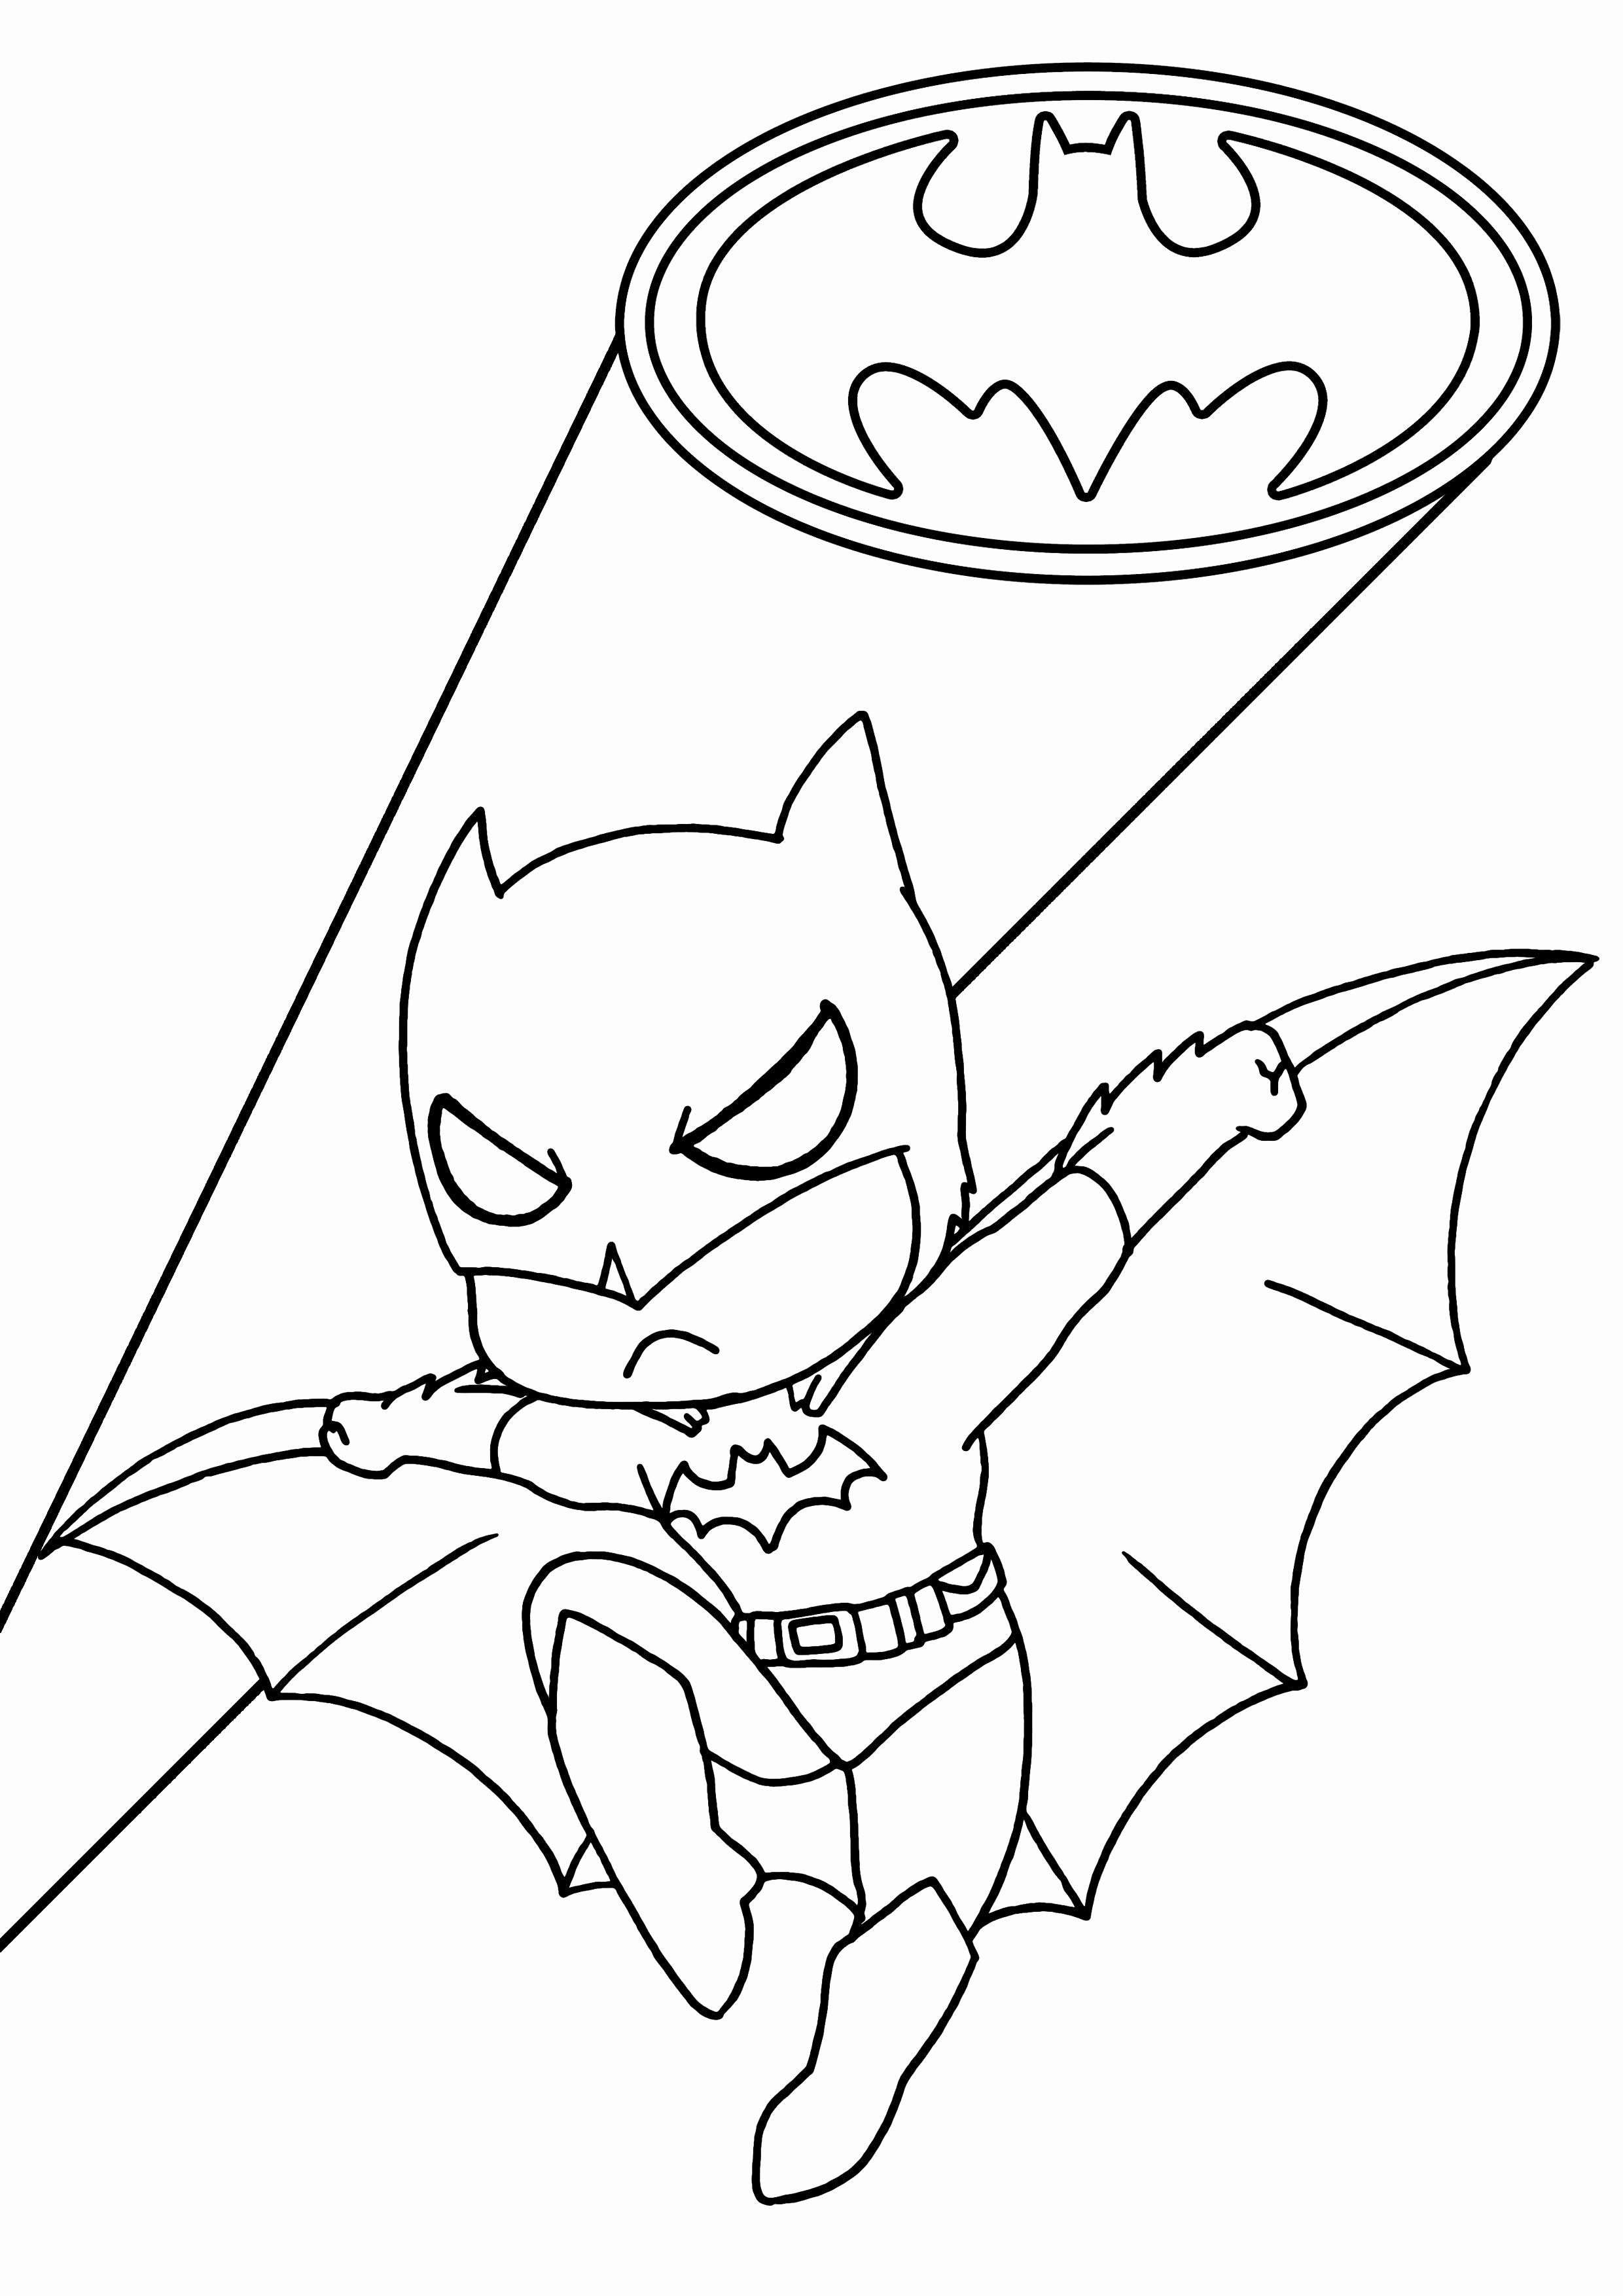 Coloriage Les Super Heros Unique Dessin Super Hero Fille pour Coloriage Gratuit Hourra Heros